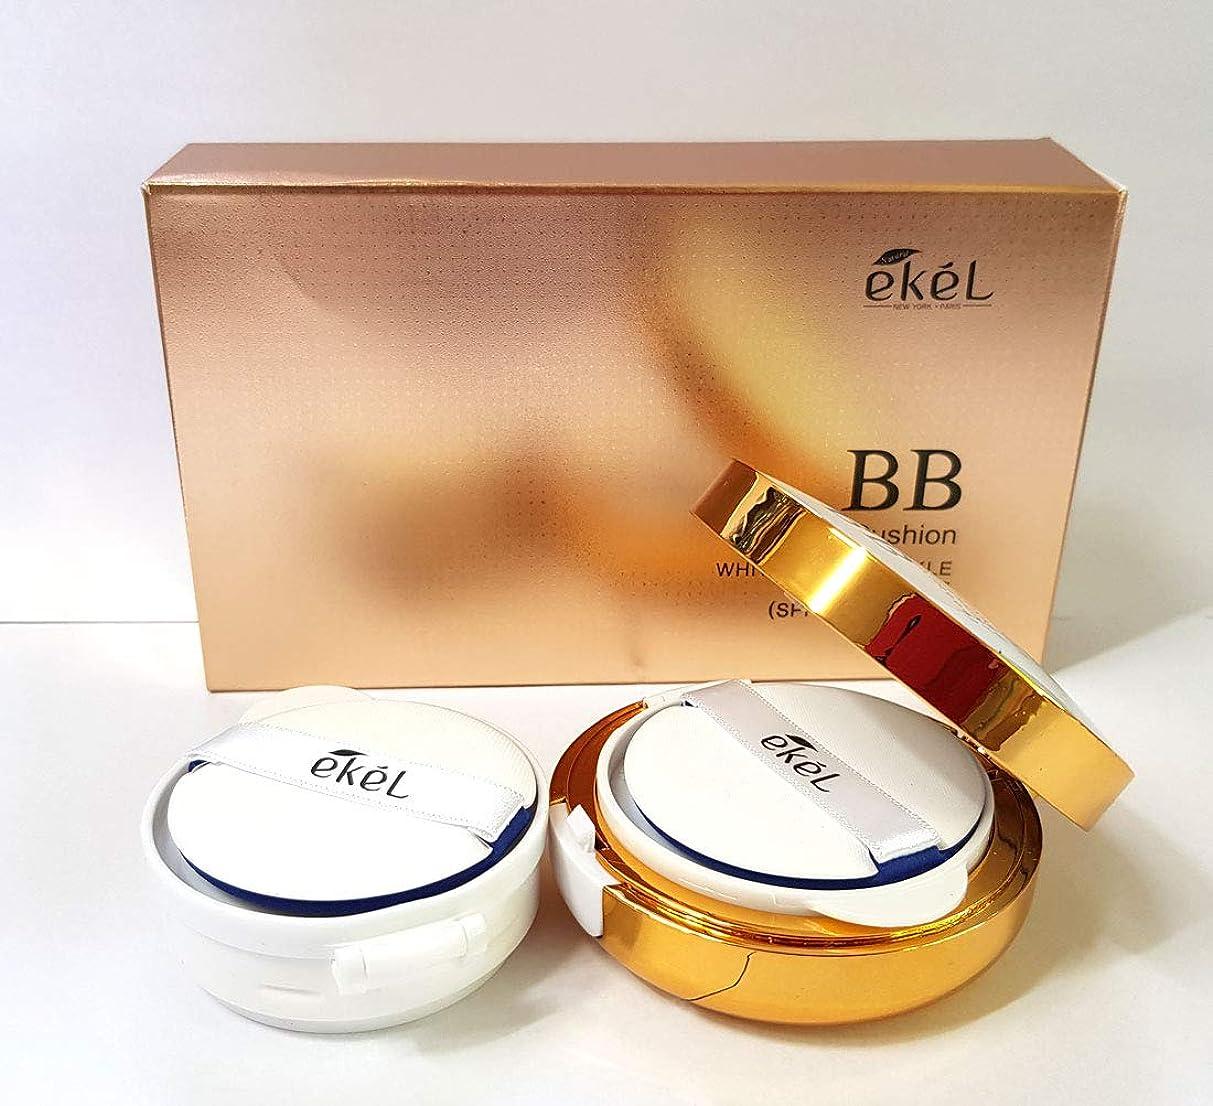 拮抗する不快アデレード[Ekel] ロタスウォーターエッセンスBBクッション15g + 15g / Llotus water essence BB cushion 15g+15g / SPF50+PA+++ / ホワイトニング&リンクル改善/韓国化粧品/Whitening & Wringkle Improvement/Korean Cosmetics (No. 23) [並行輸入品]